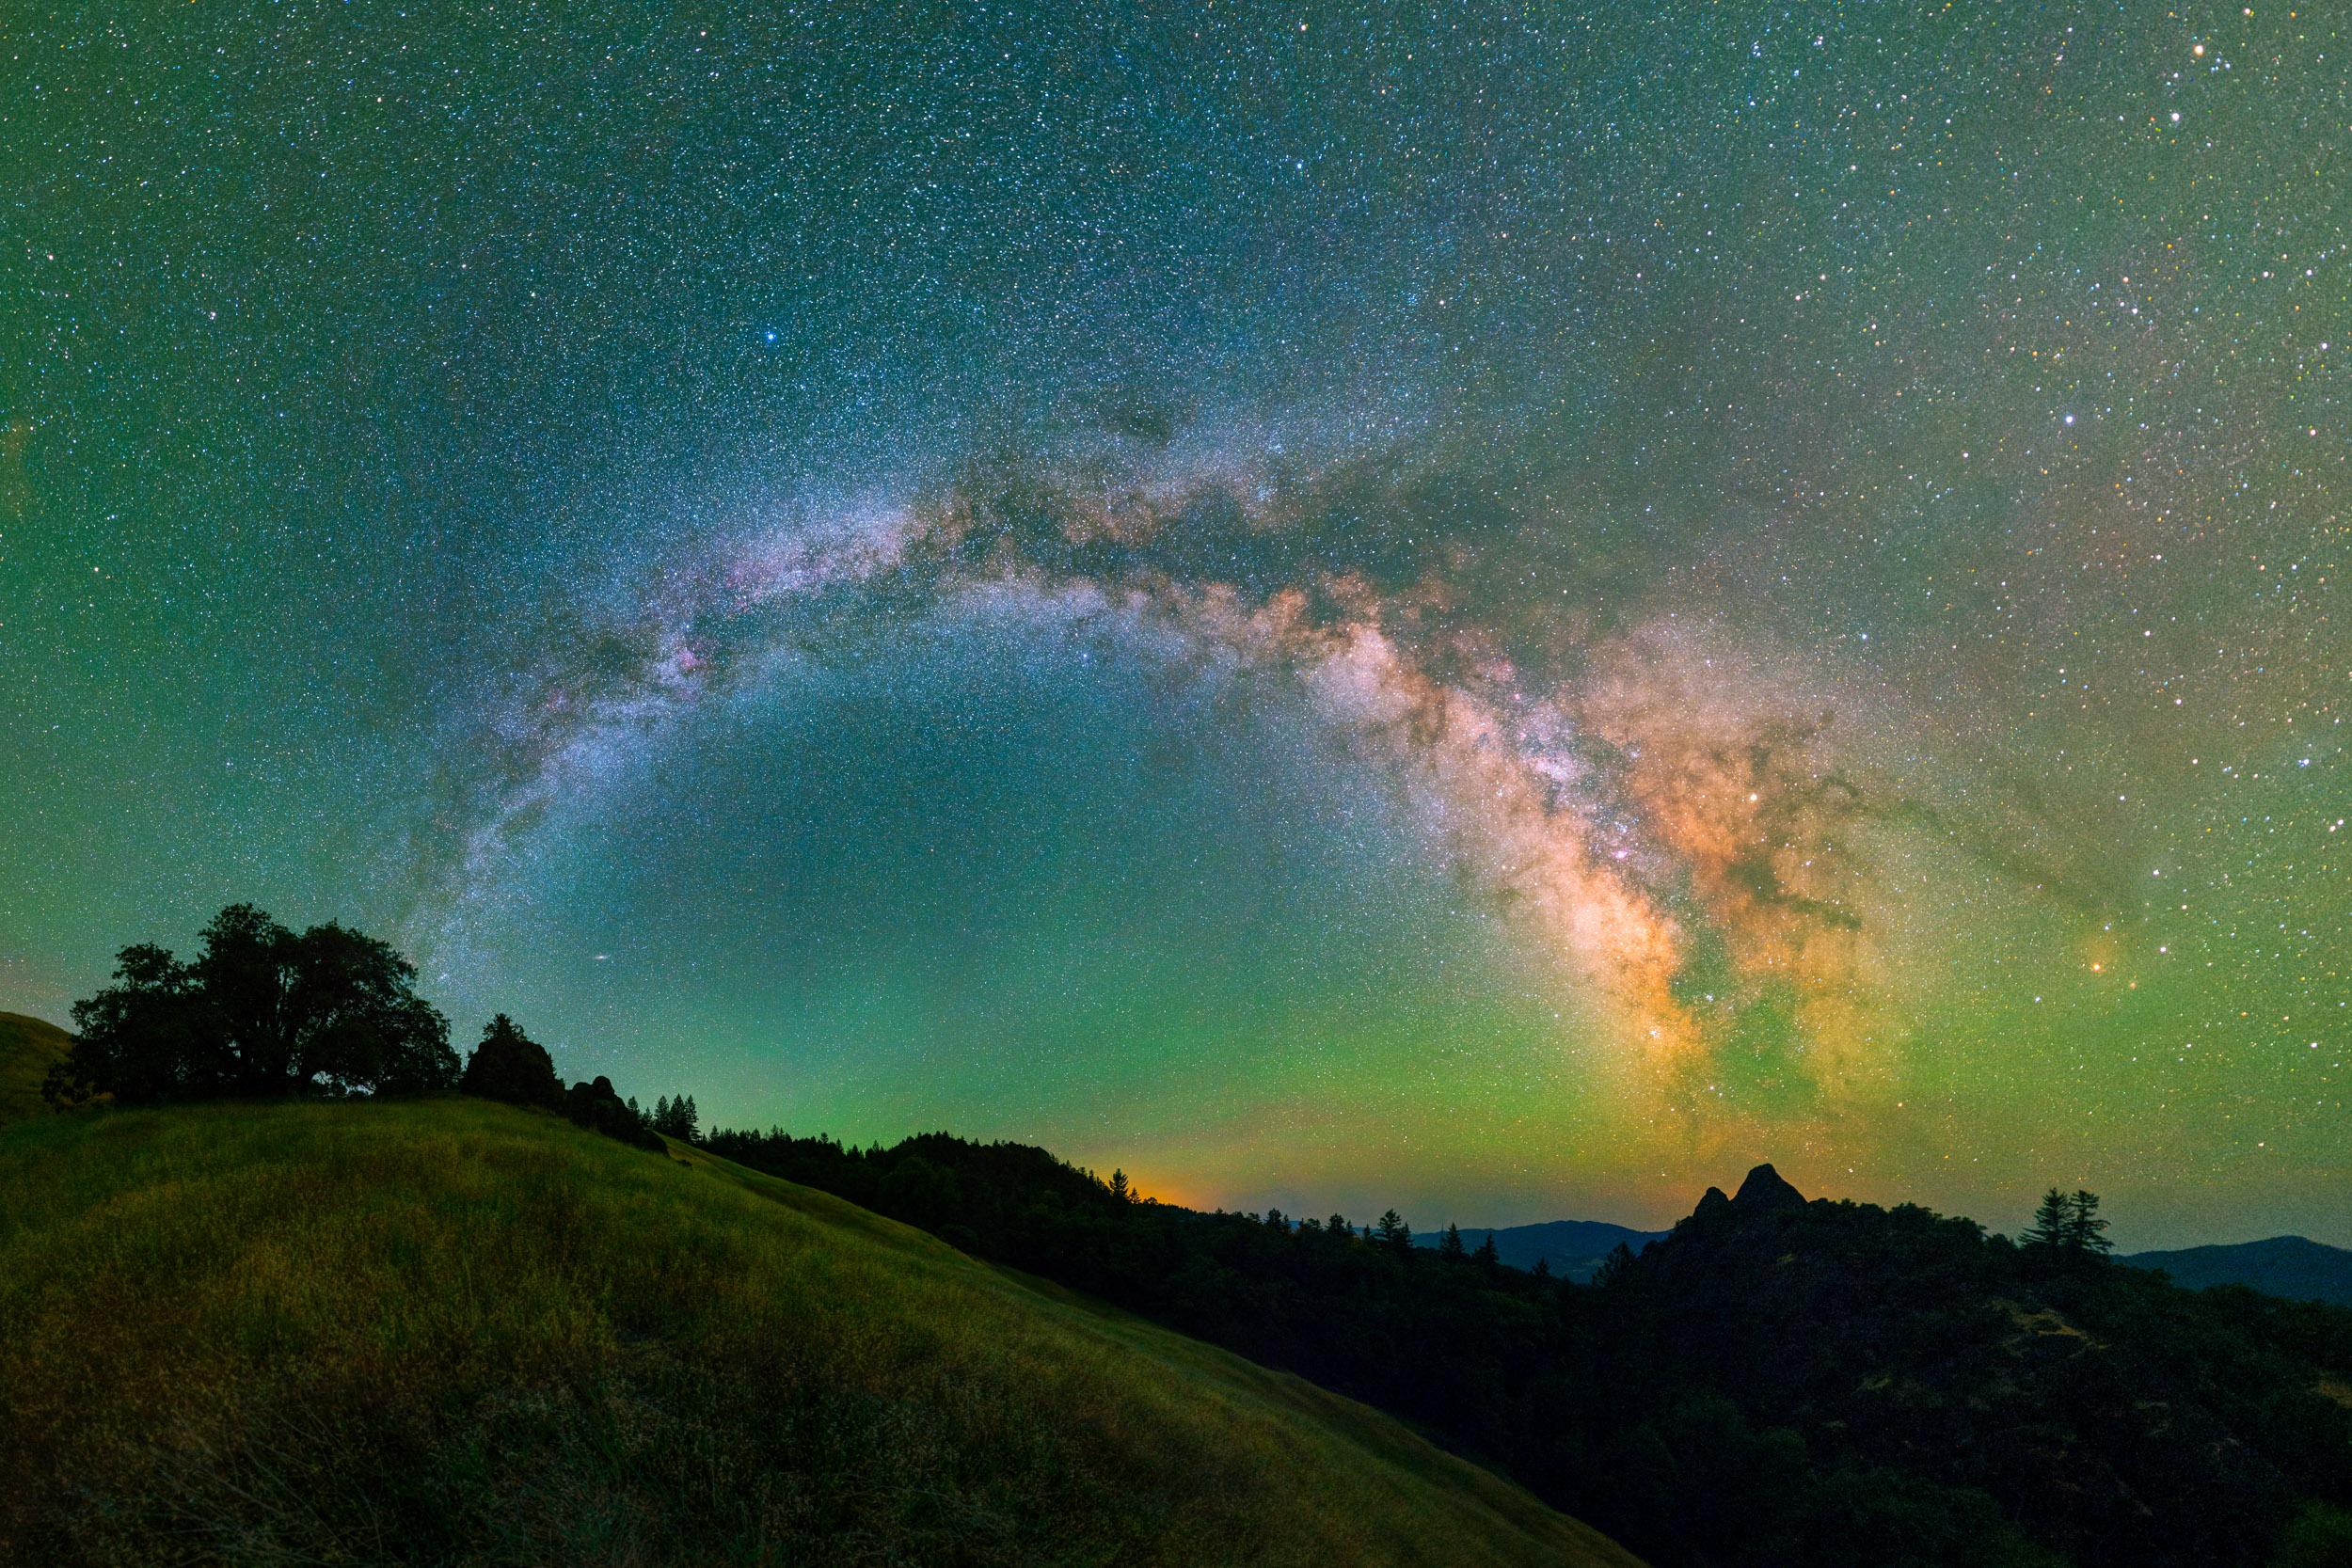 Emerald Skies